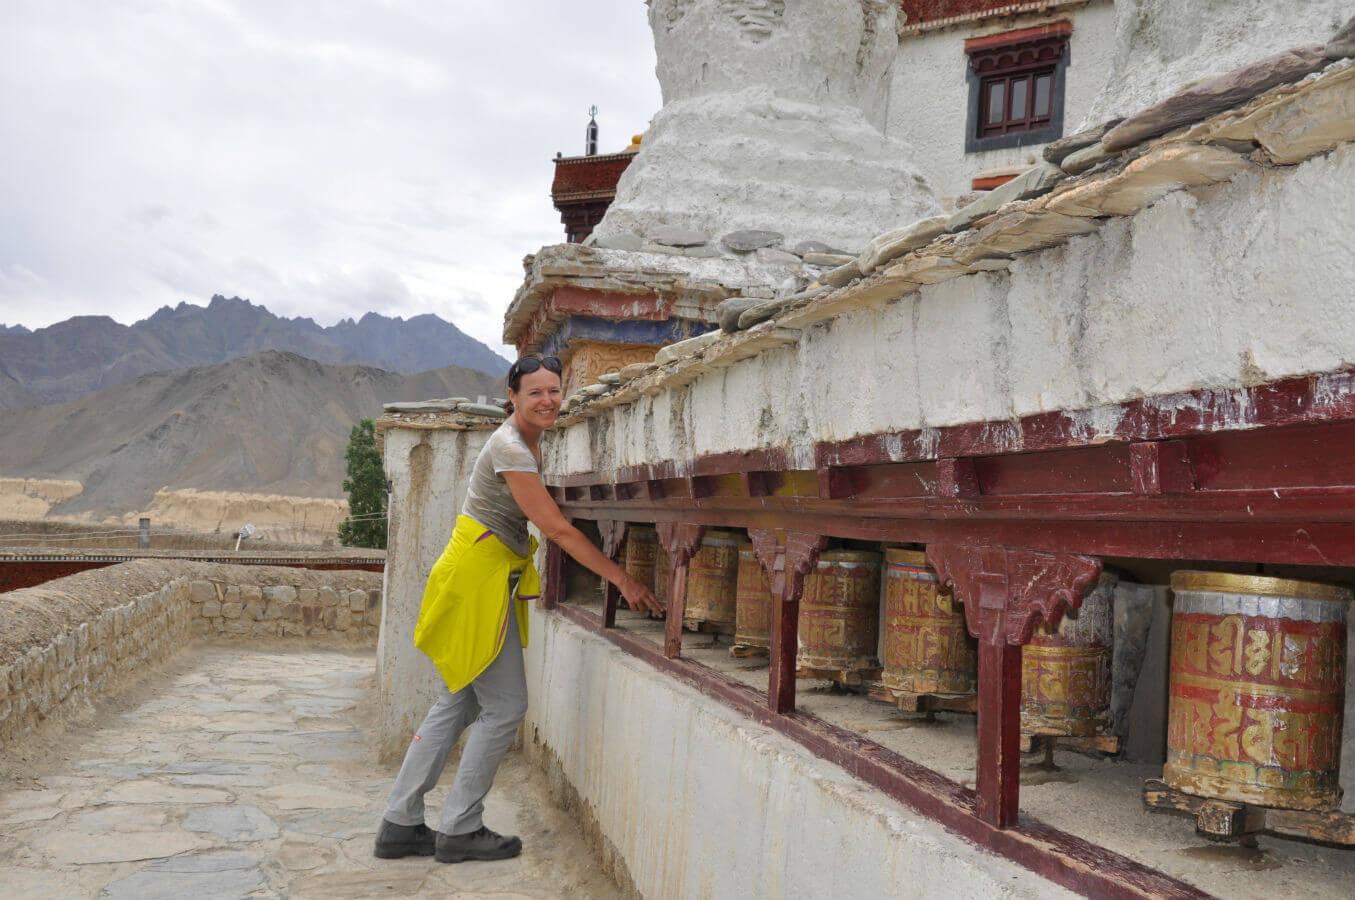 kloster lamayuru indien tibet gebirge